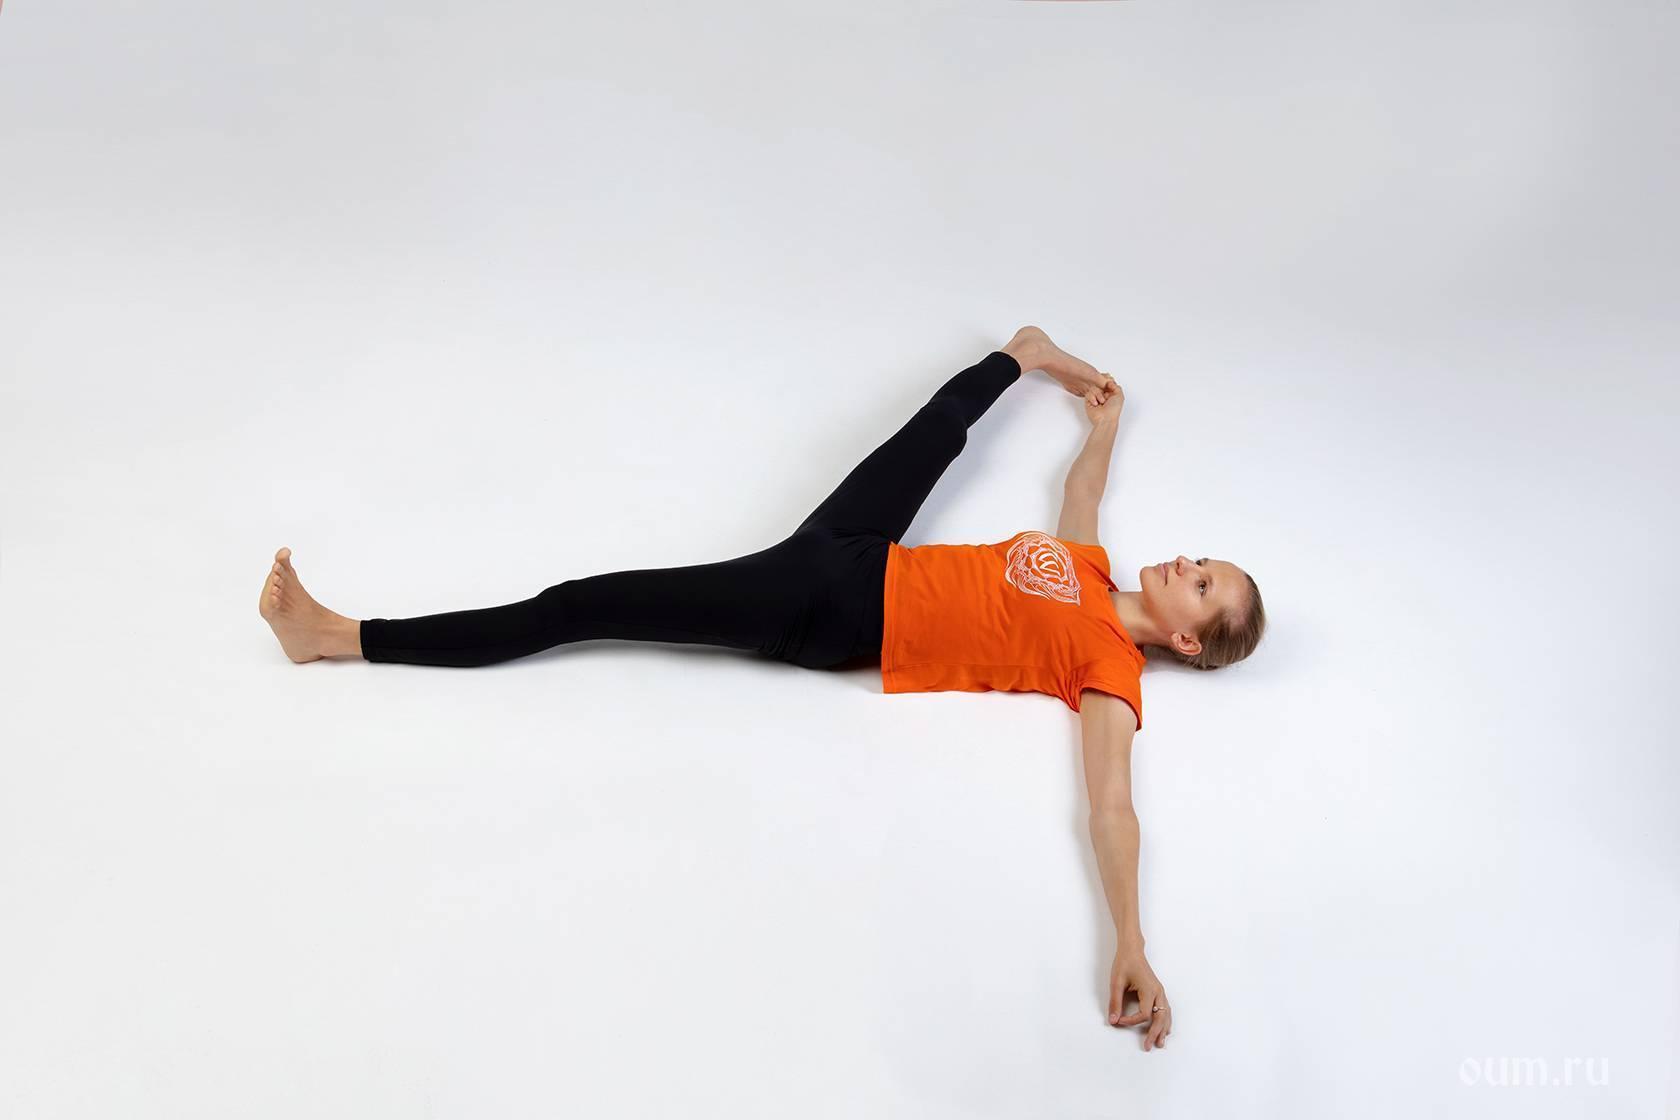 Саламба сарвангасана или стойка с опорой на плечах в йоге: техника выполнения, польза, противопоказания